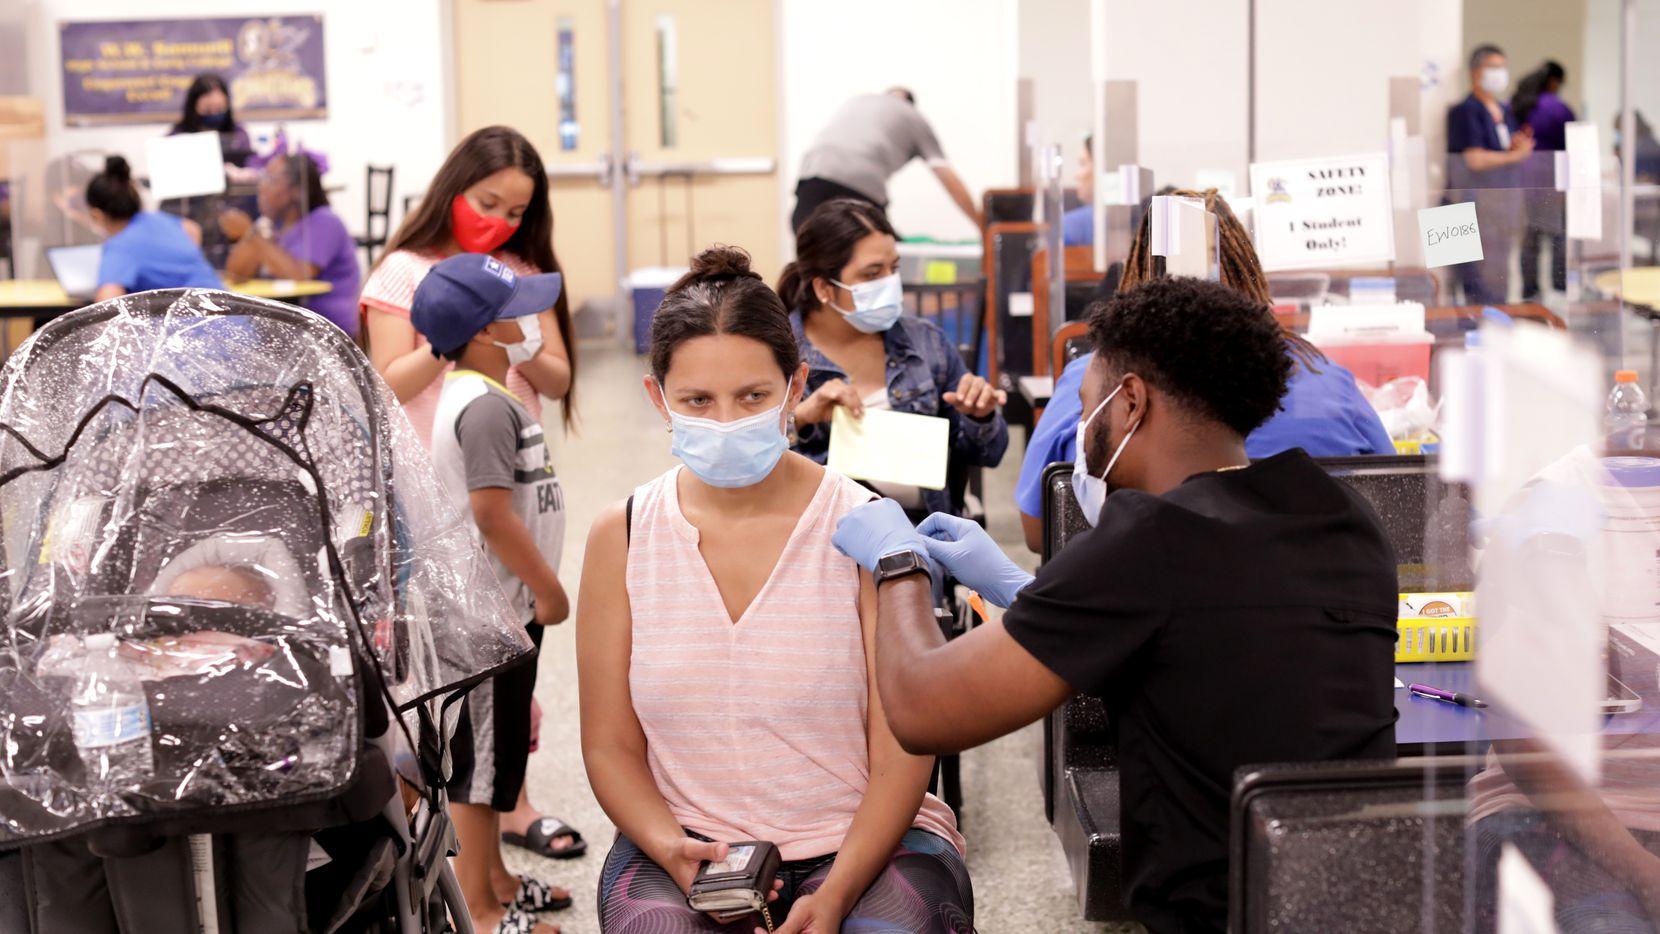 Varias escuelas, iglesias y centros comunitarios han organizado clínicas de vacunación contra covid-19 en el Norte de Texas.